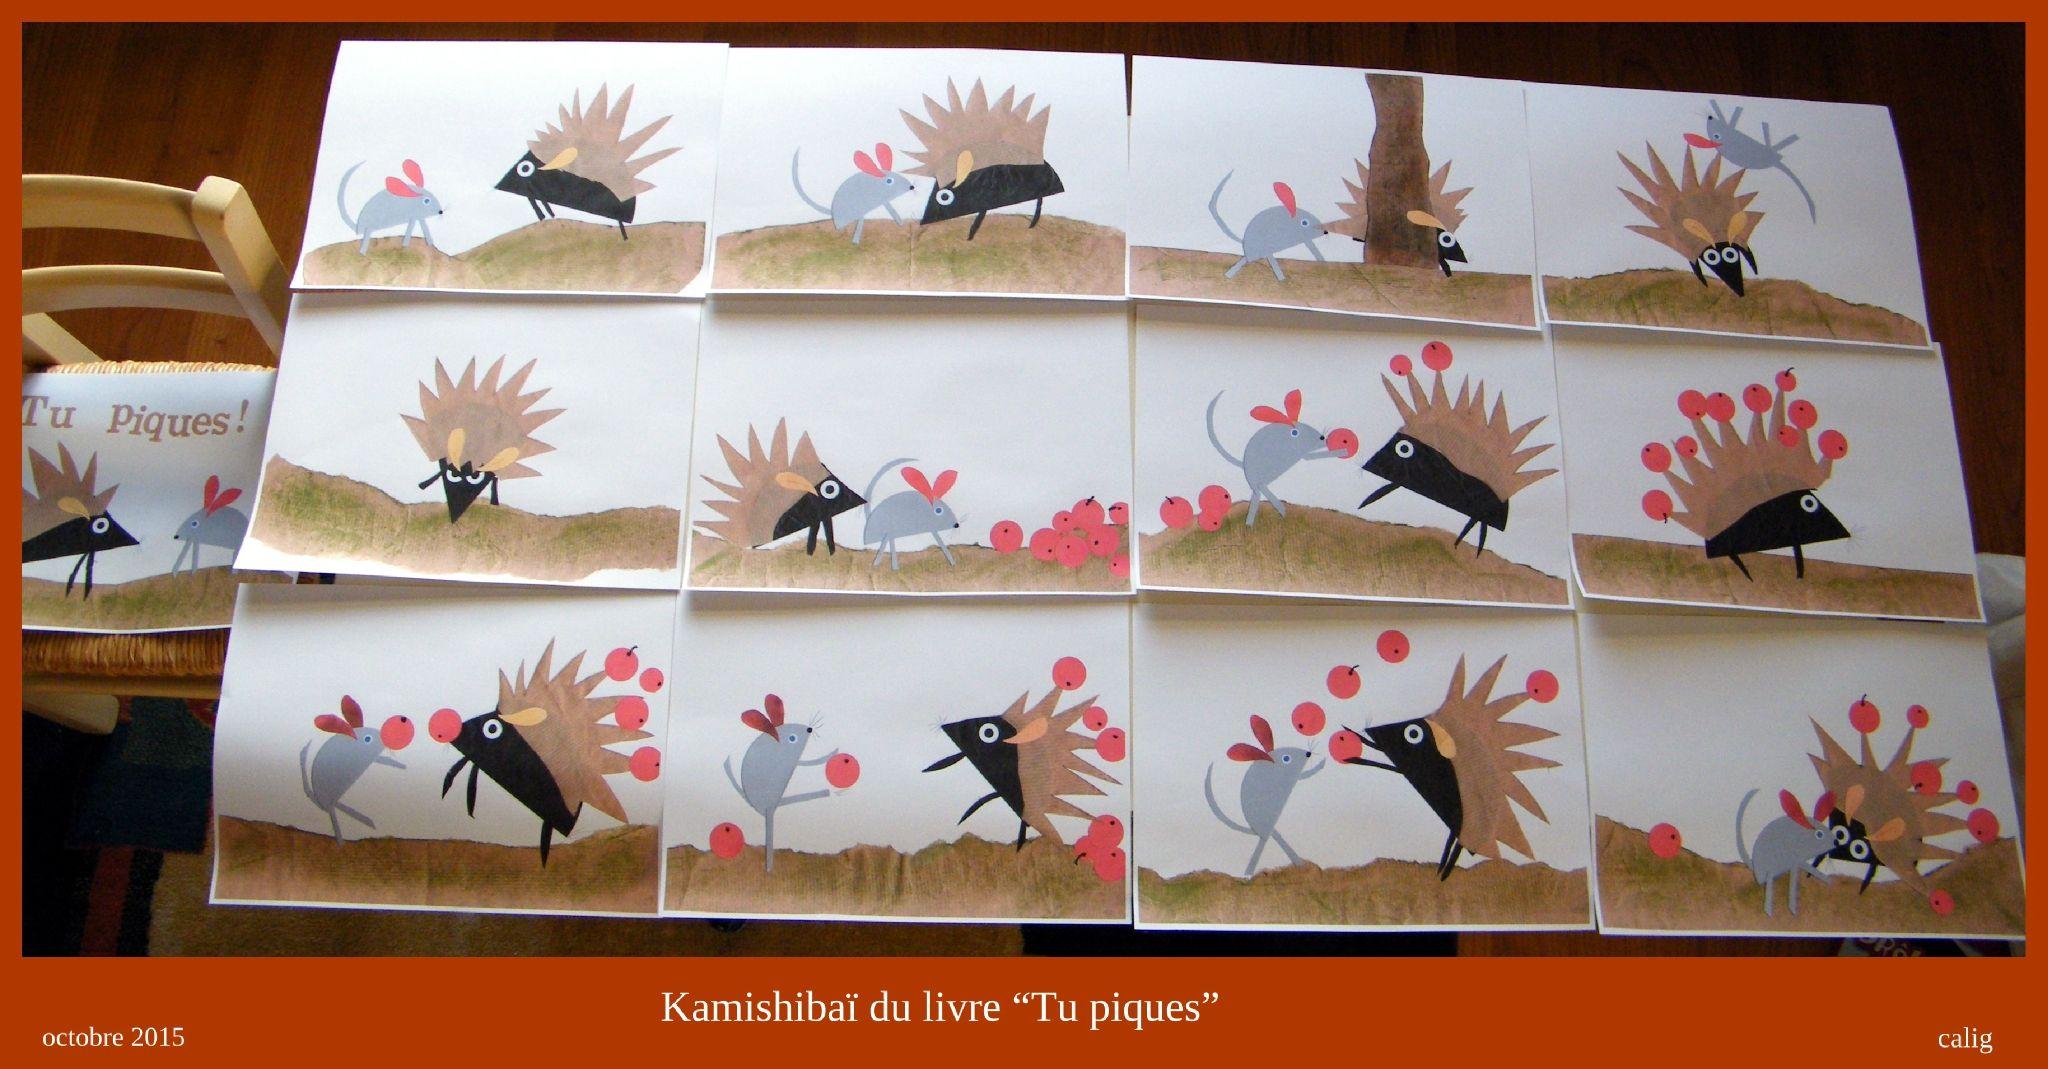 La Semaine Derniere J Ai Fini La Realisation Des Pages Du